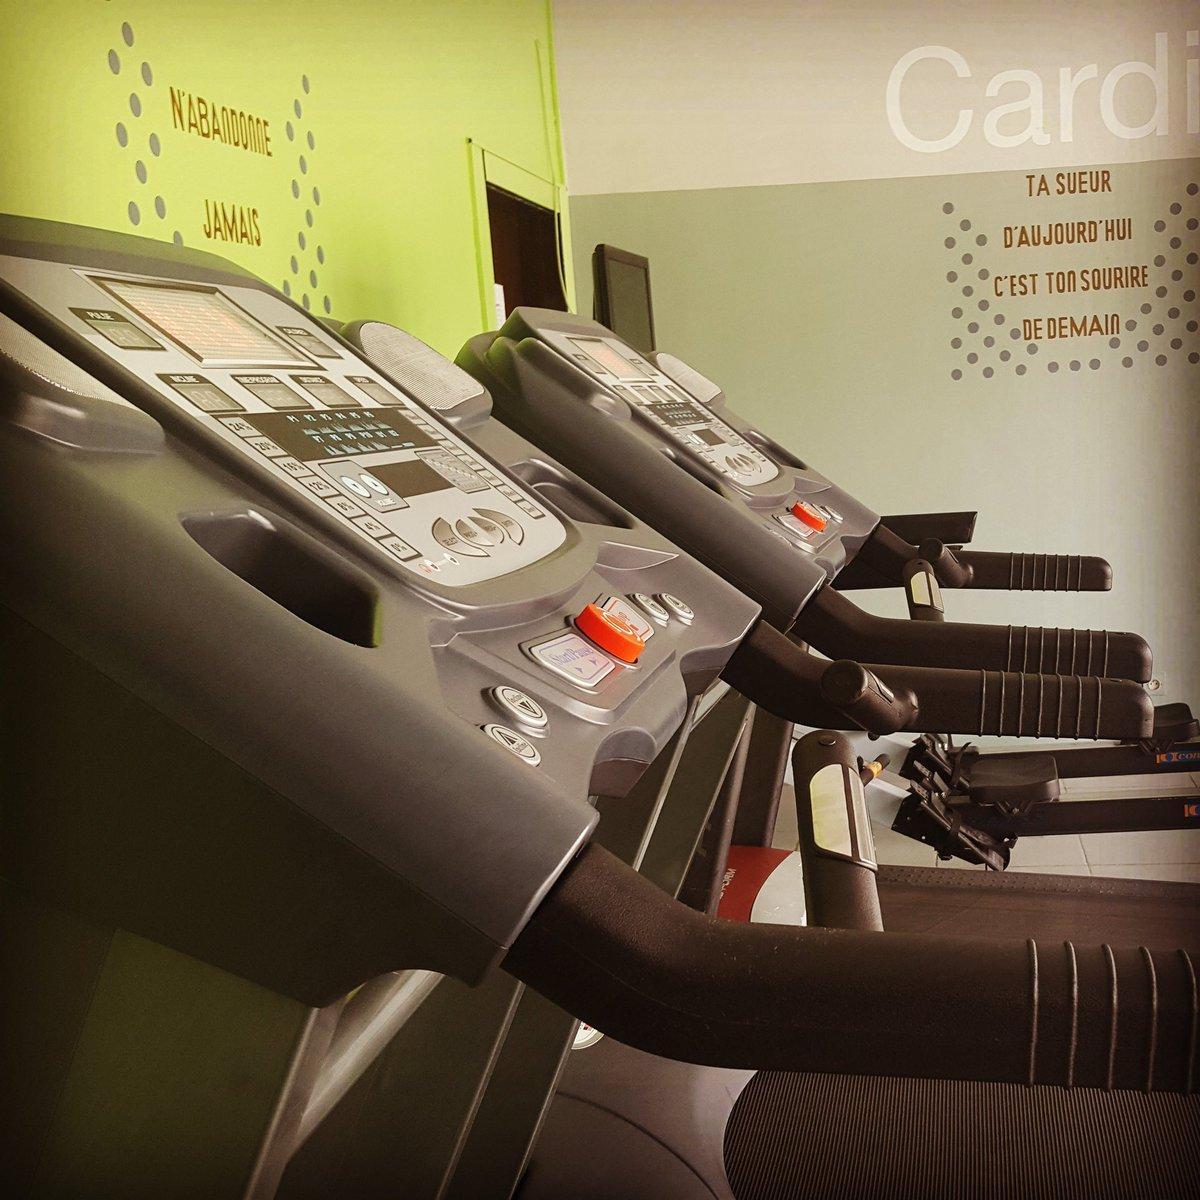 Profitez du week-end pour une remise en forme. Rejoignez-nous chez 100% Fitness #FitnessAbidjan #workout #motivation #nevergiveup<br>http://pic.twitter.com/1ktrgdjzTA